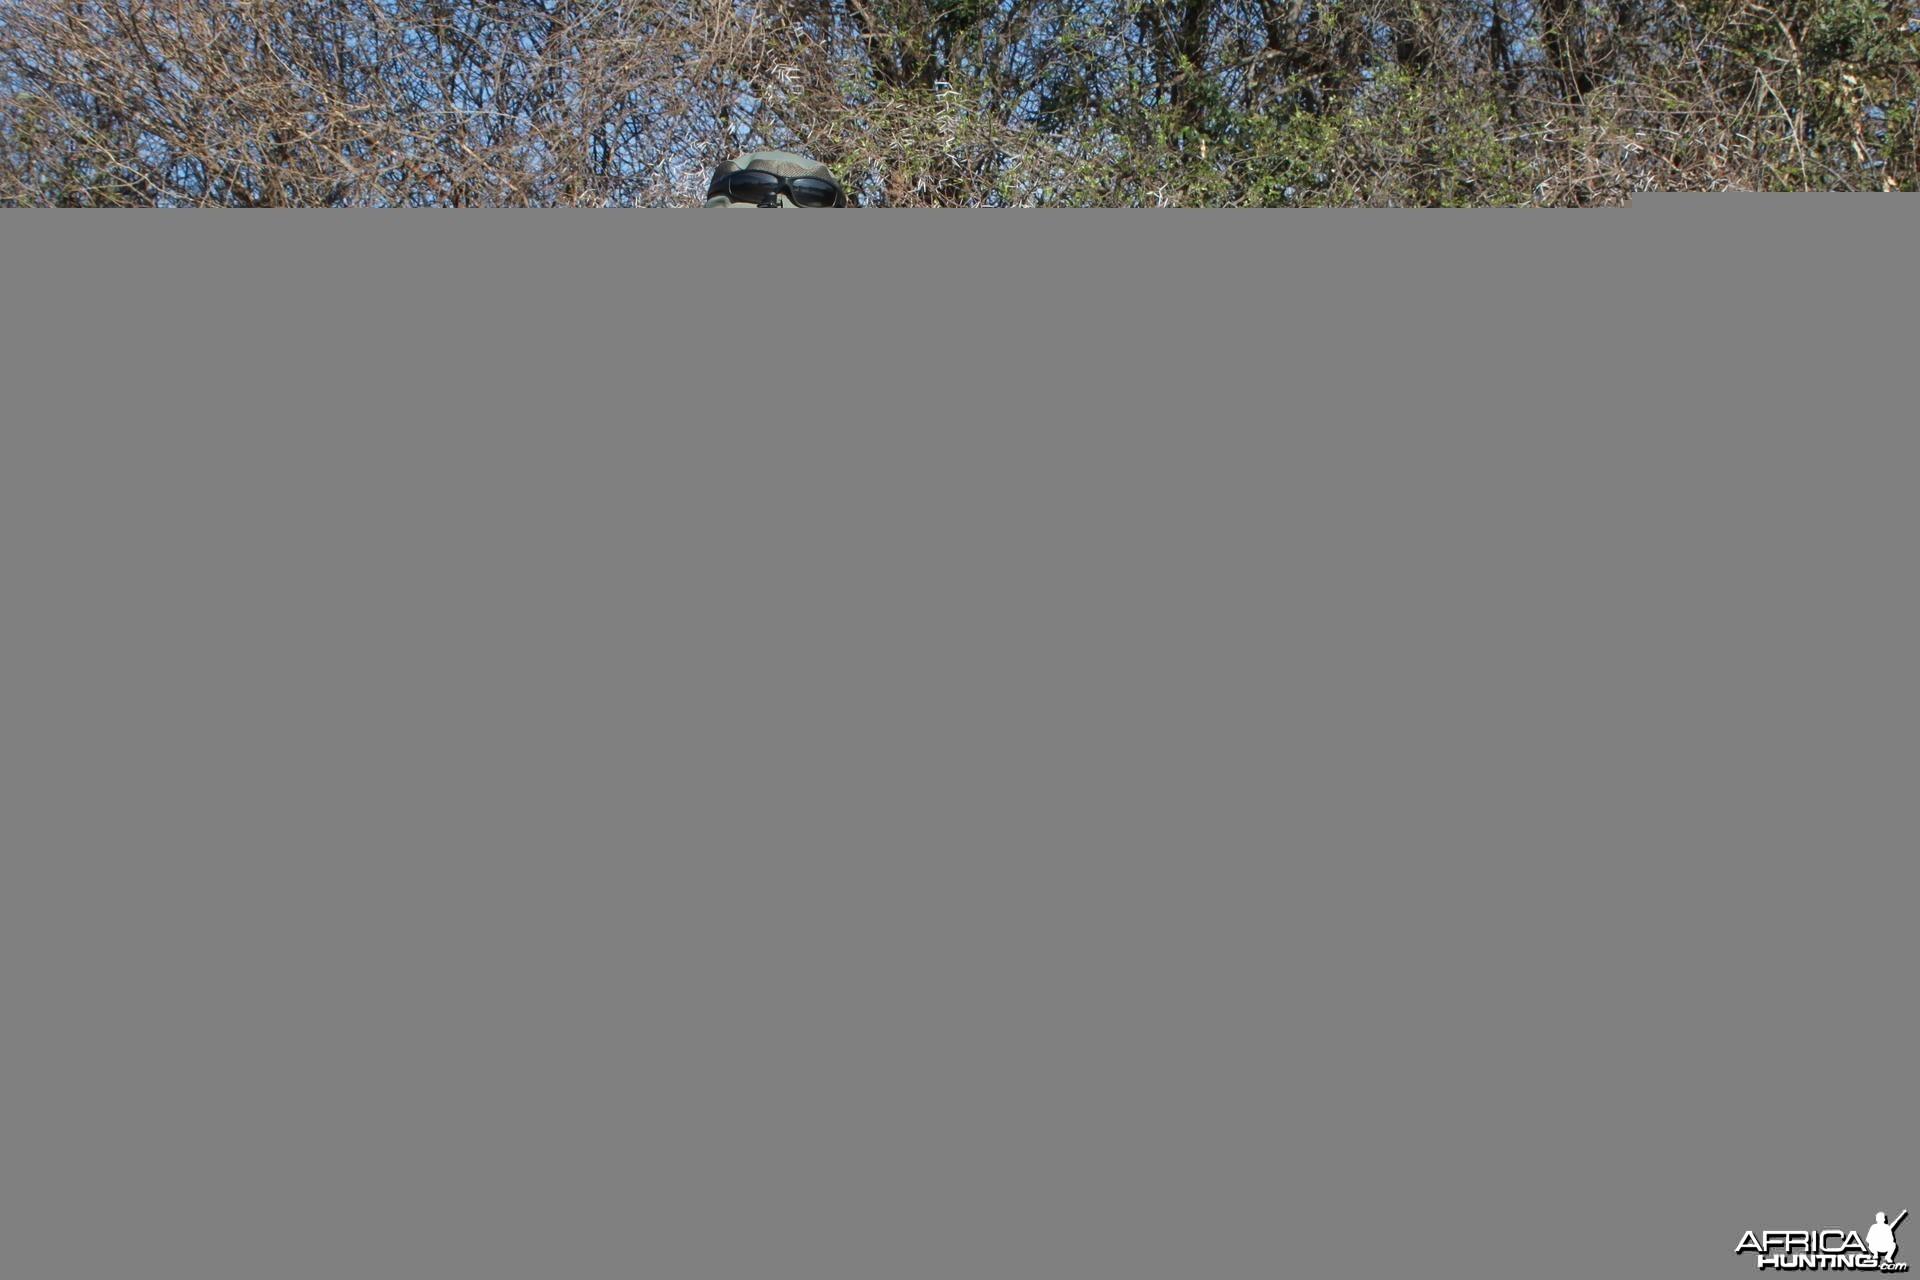 Impala hunted in Zimbabwe